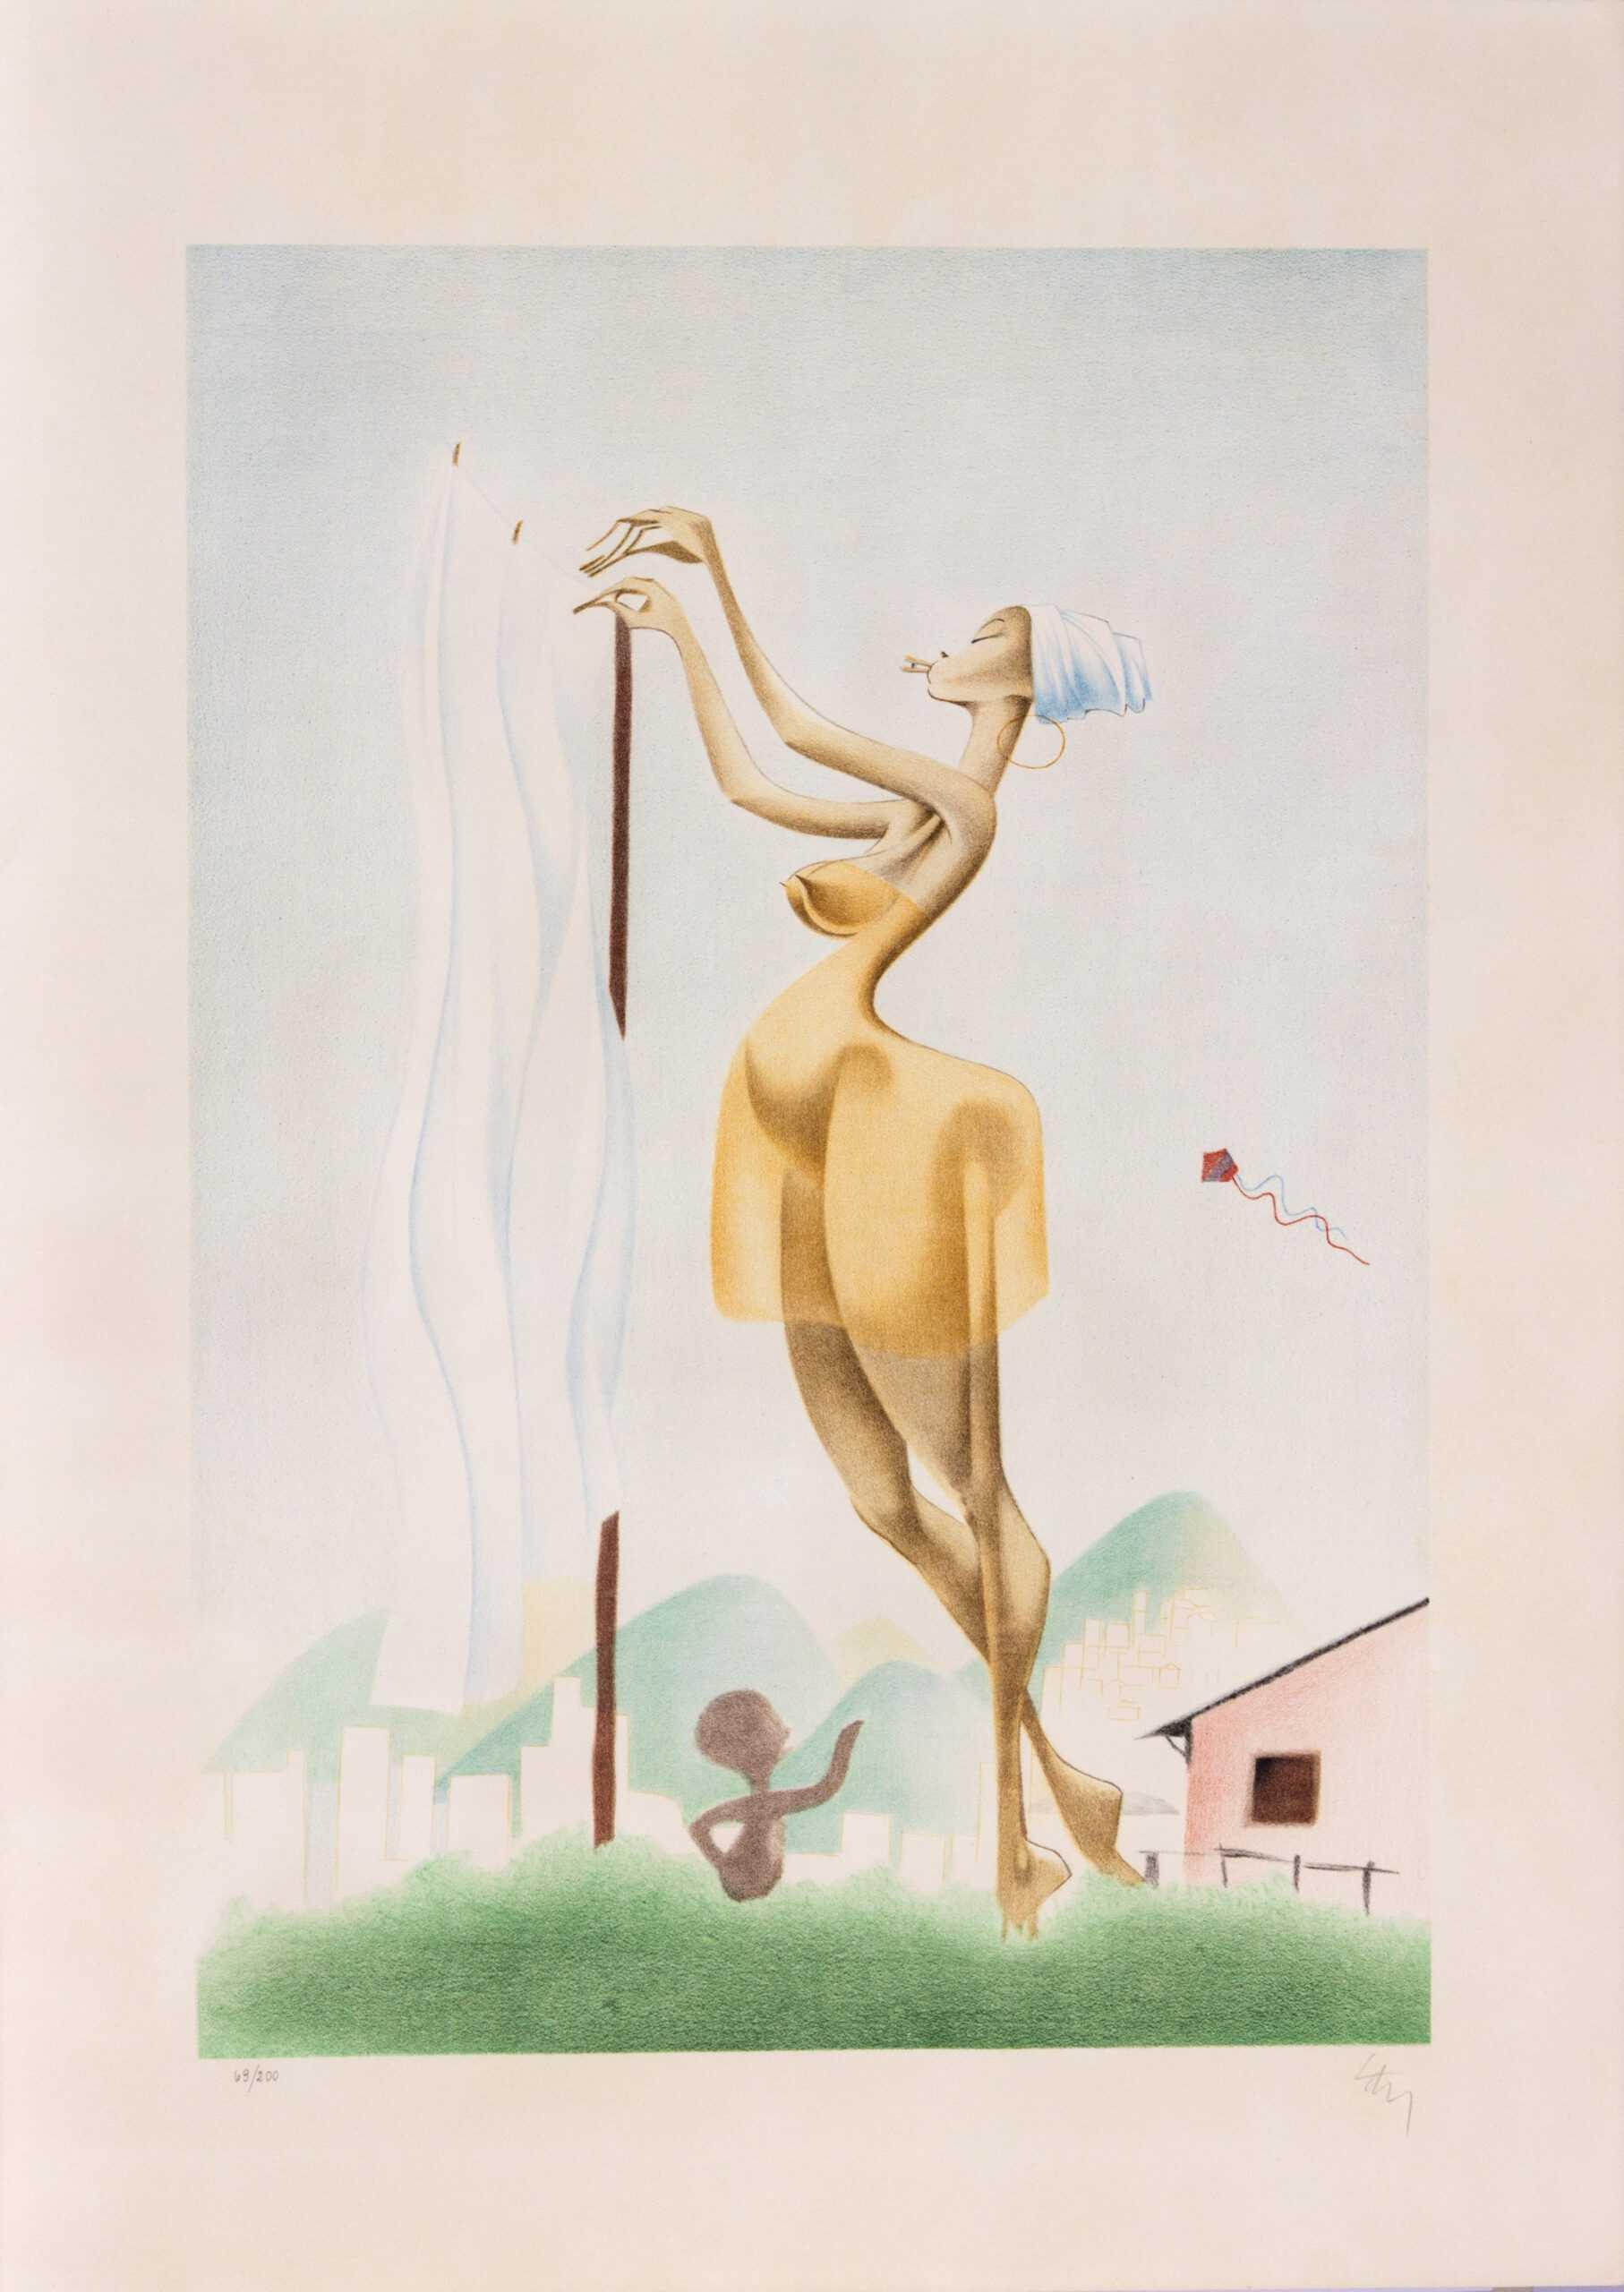 571 - Lan - 66x48cm - Litografia e Serigrafia - Ano 1989 - Tiragem 200 (2)